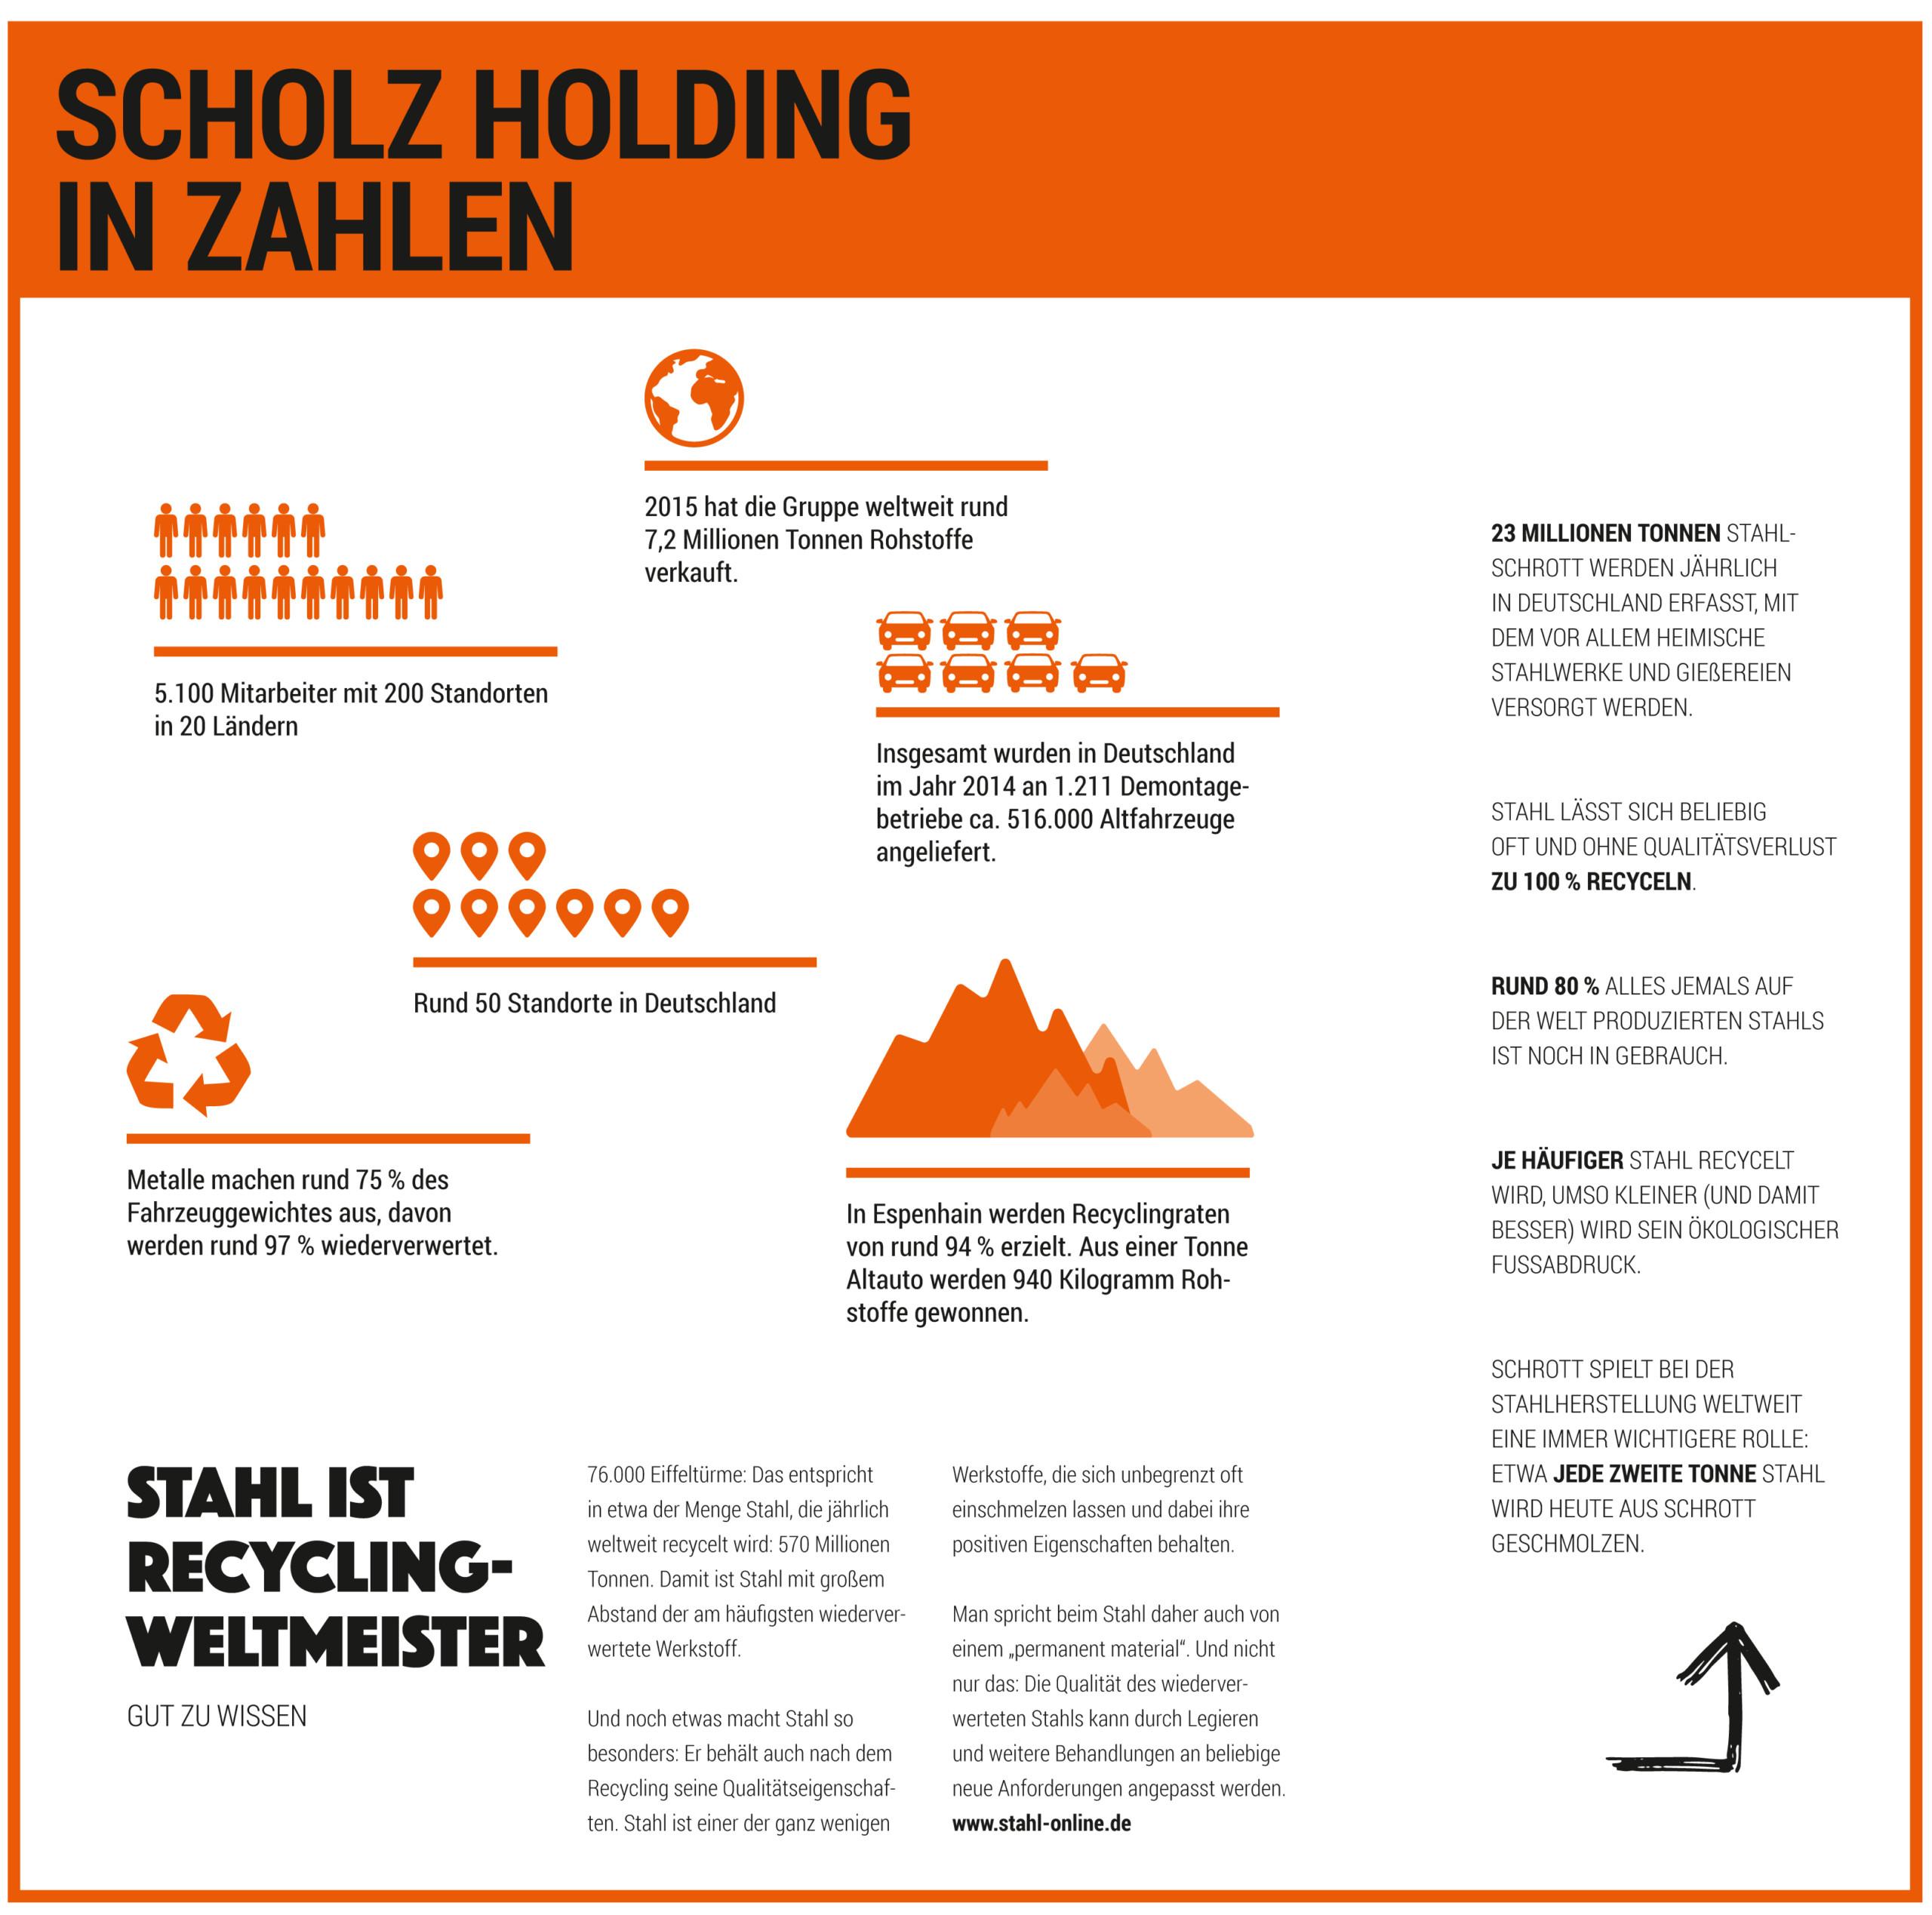 Infografik Scholz Holding in Zahlen